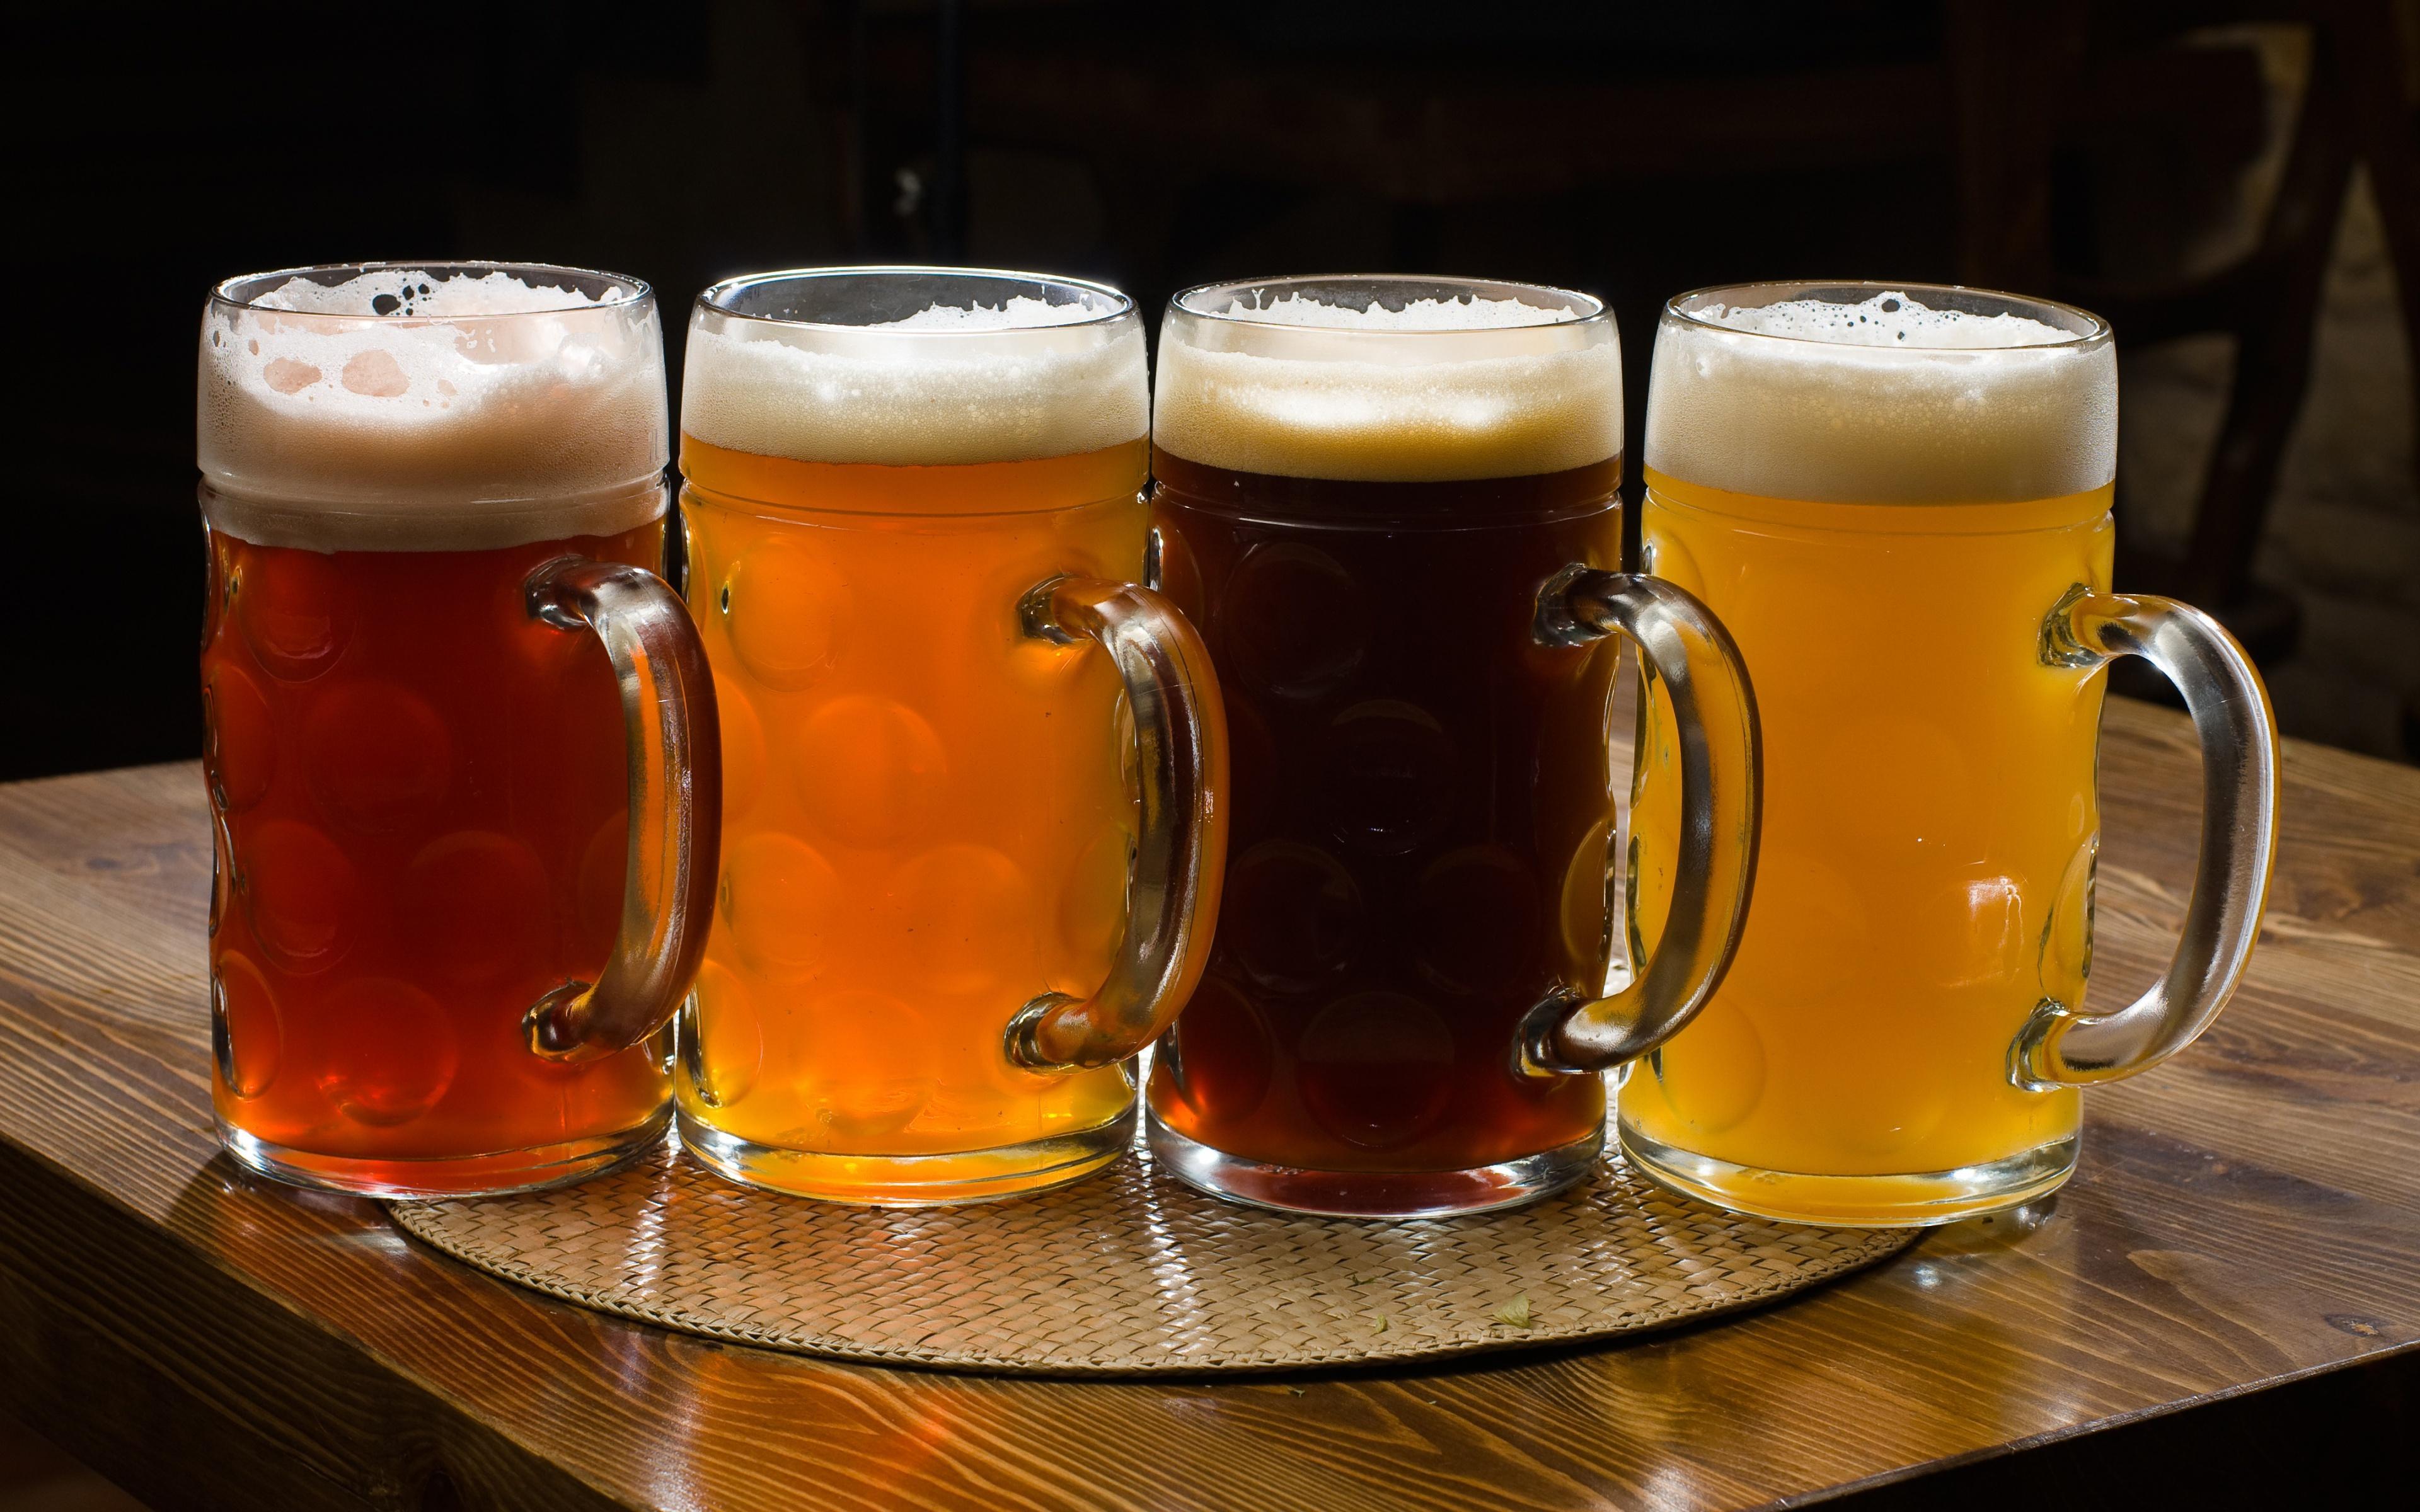 иконке картинки про пиво в хорошем качестве этого сначала нужно